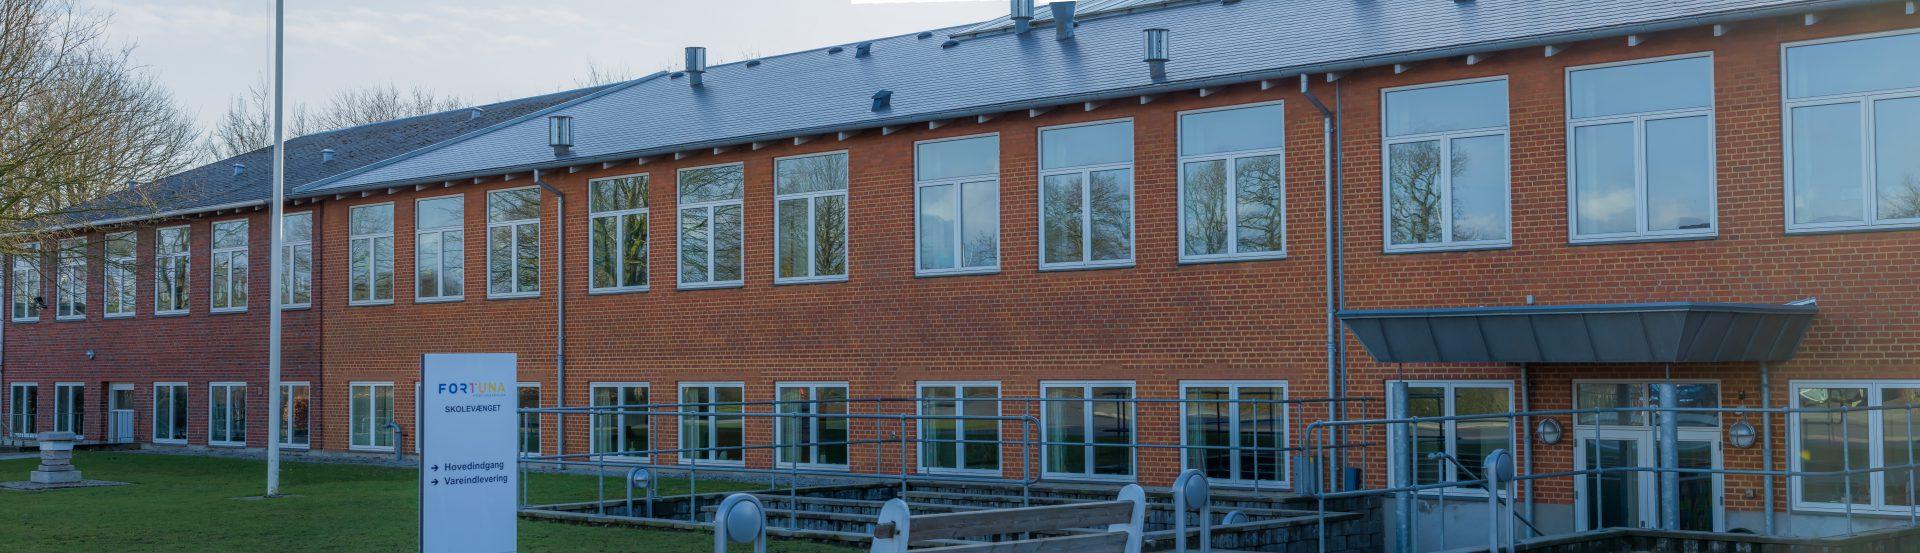 Vejrup Skole (Fortunaskolen, Afdeling Skolevænget)